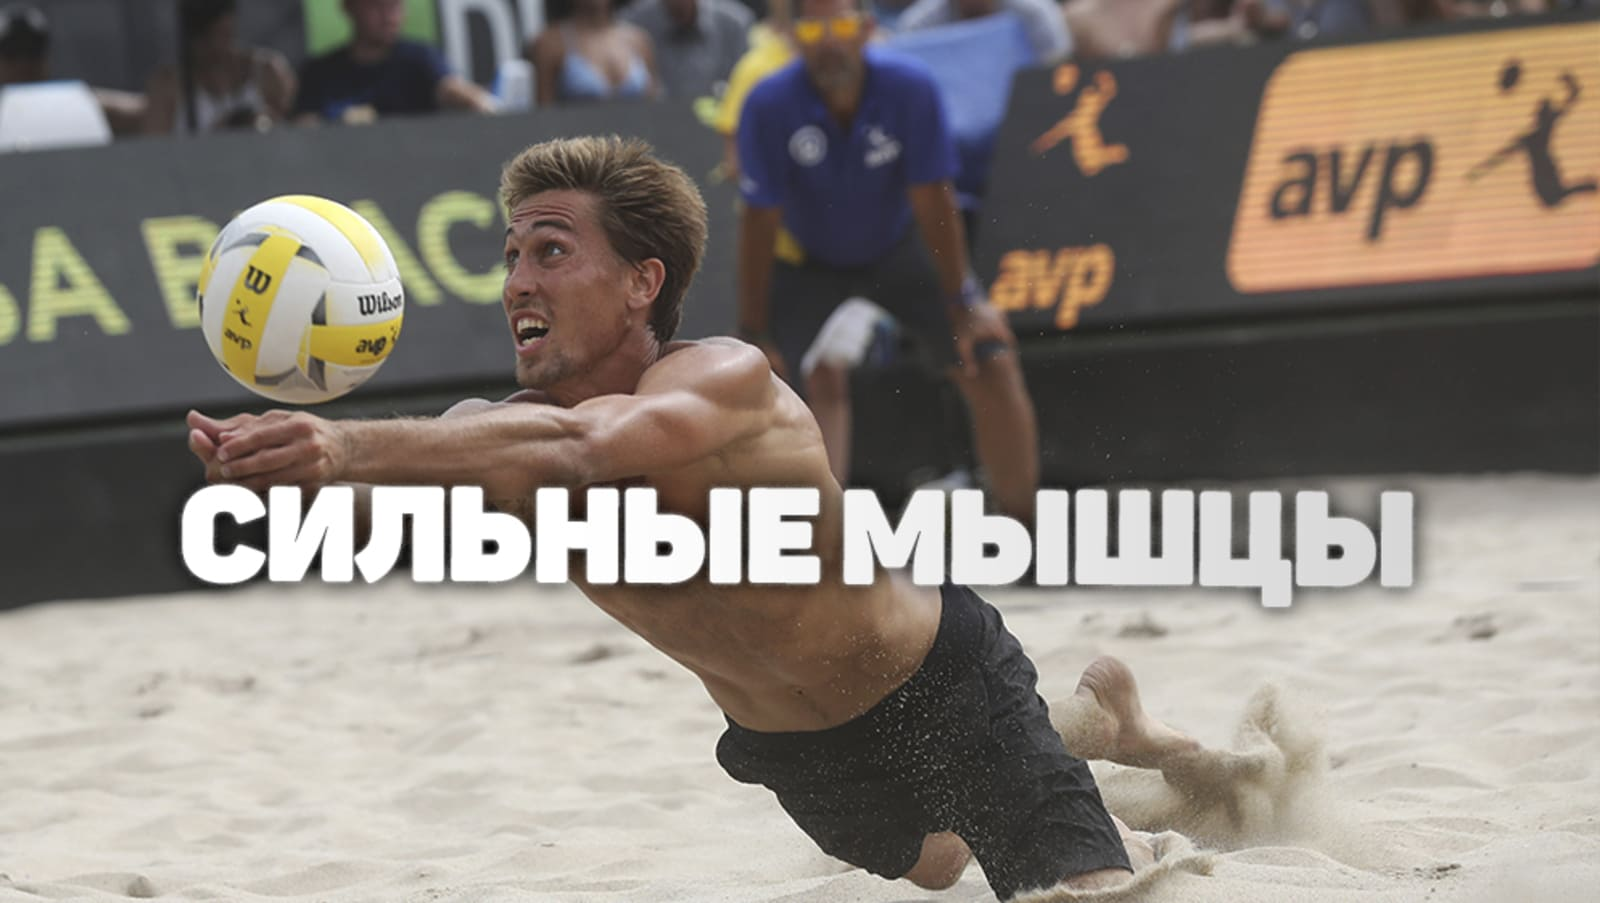 Сильные мышцы в волейболе